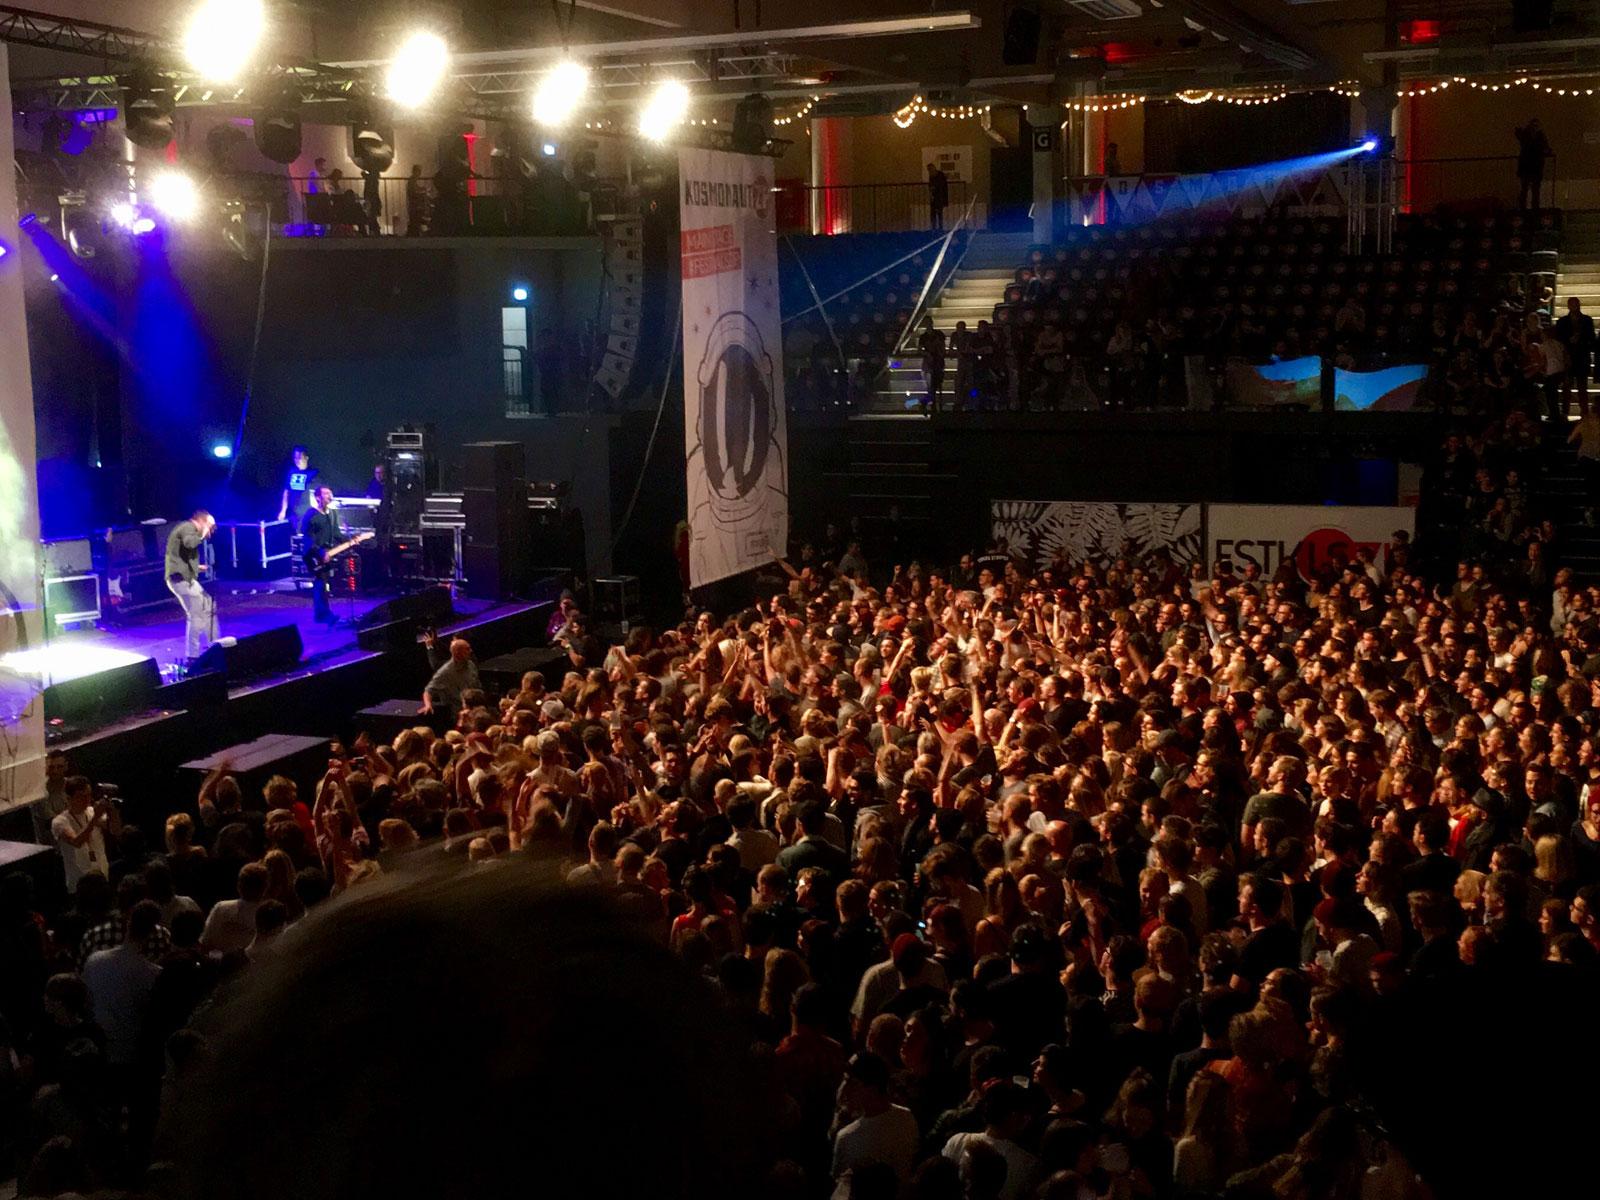 Konzert in der edel-optics.de Arena